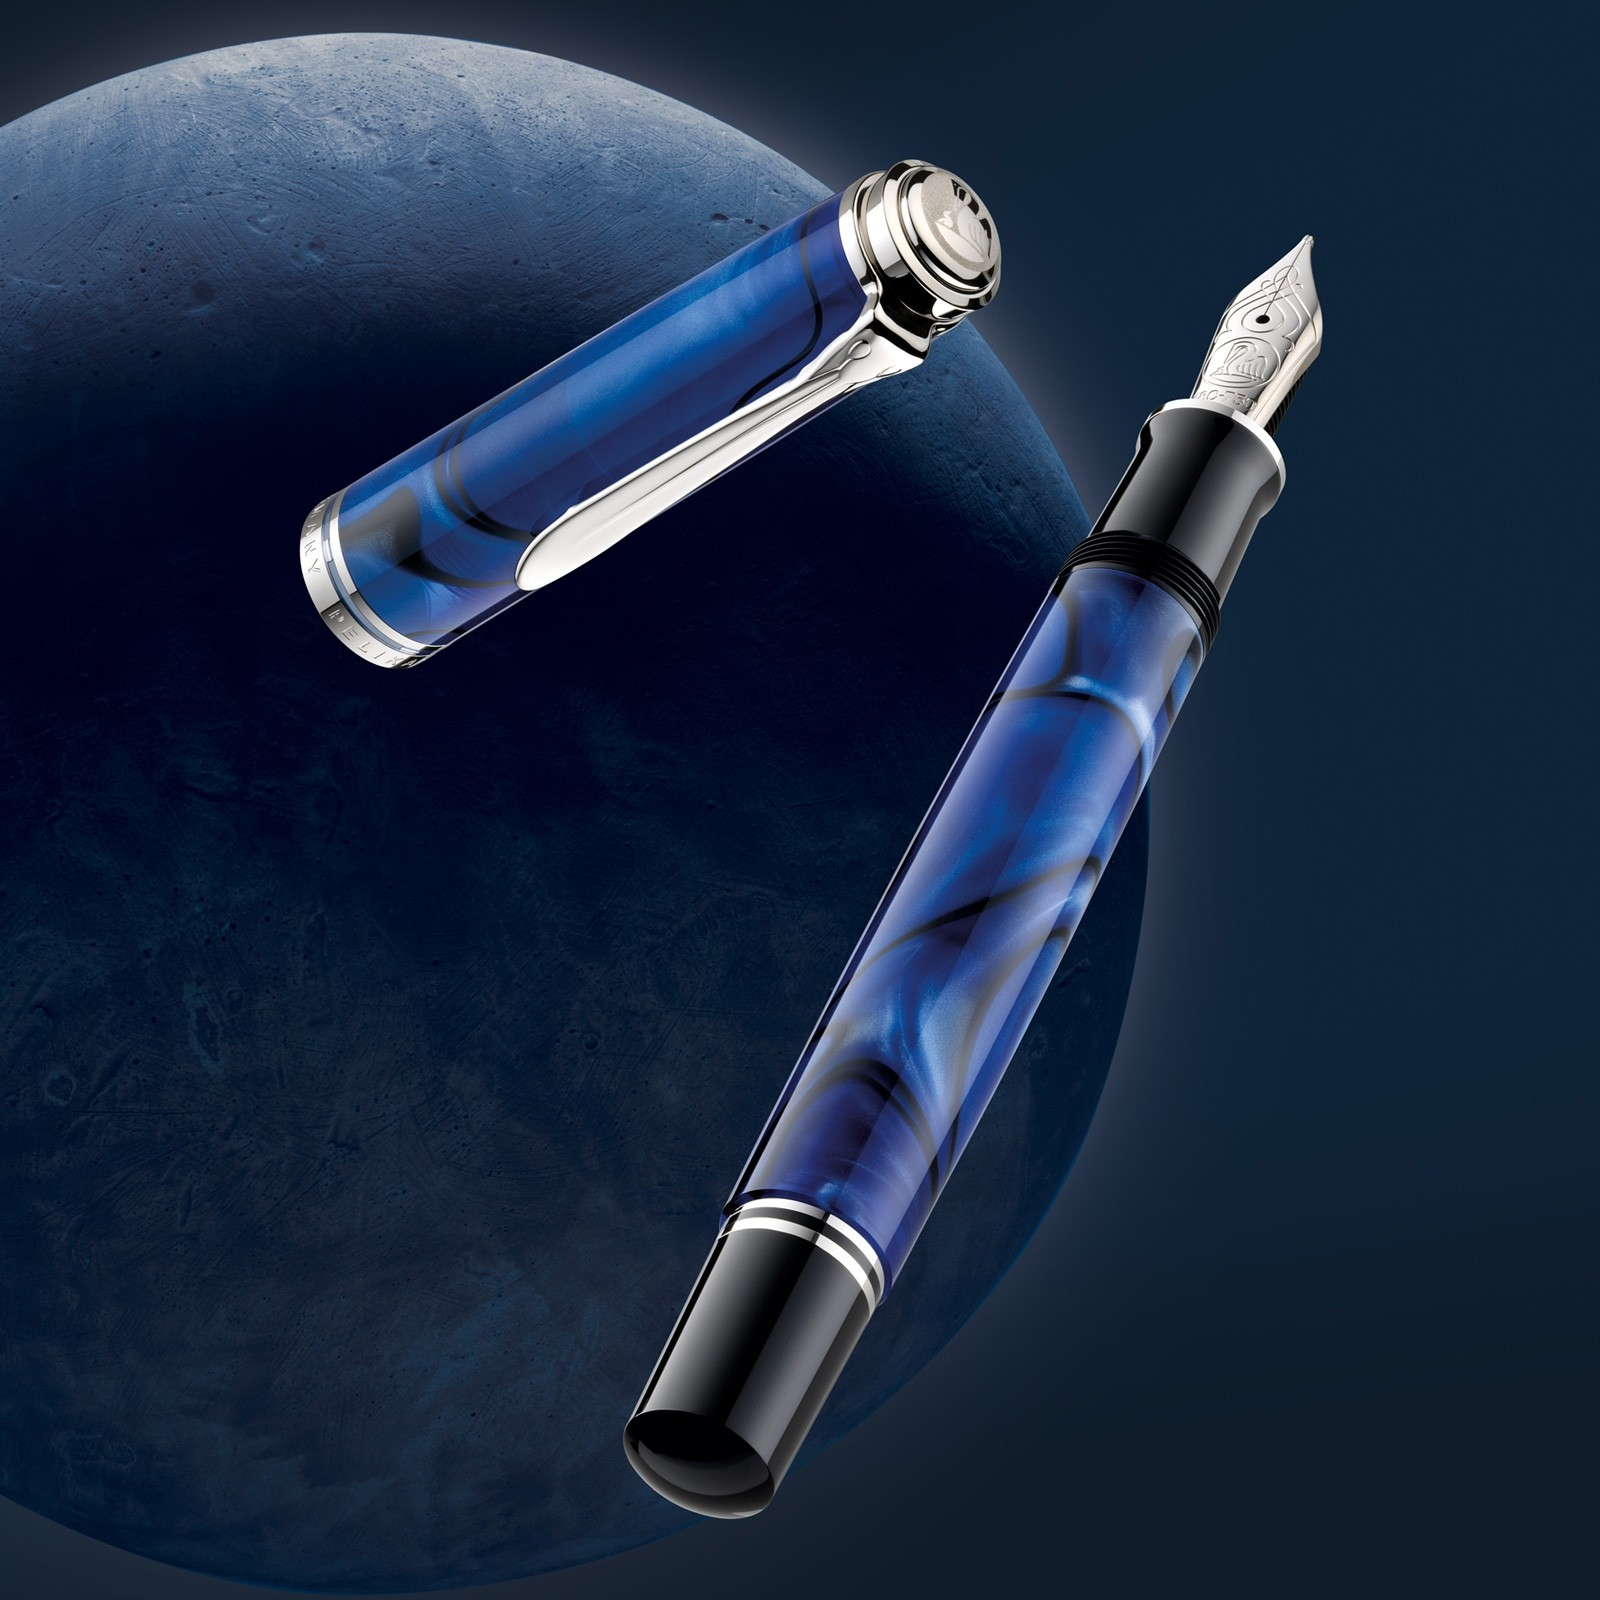 pelikan-m805-blue-dunes-heroshot-sideways_vierkant